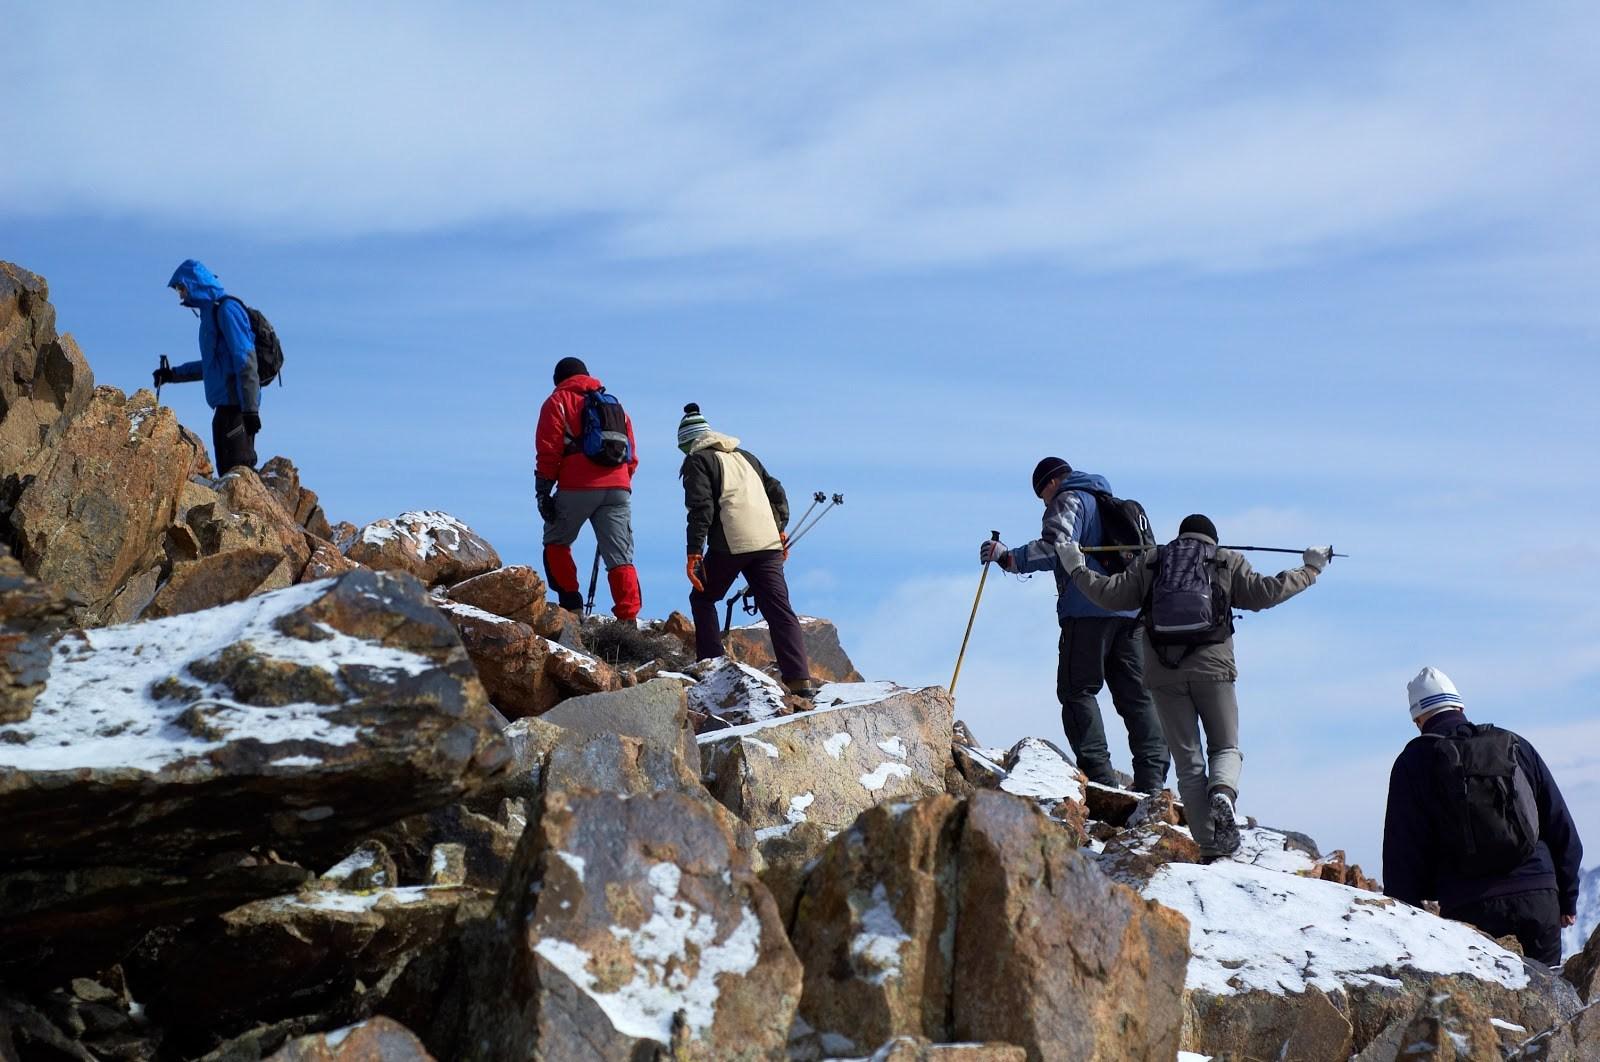 Land based - Mountain Climbing